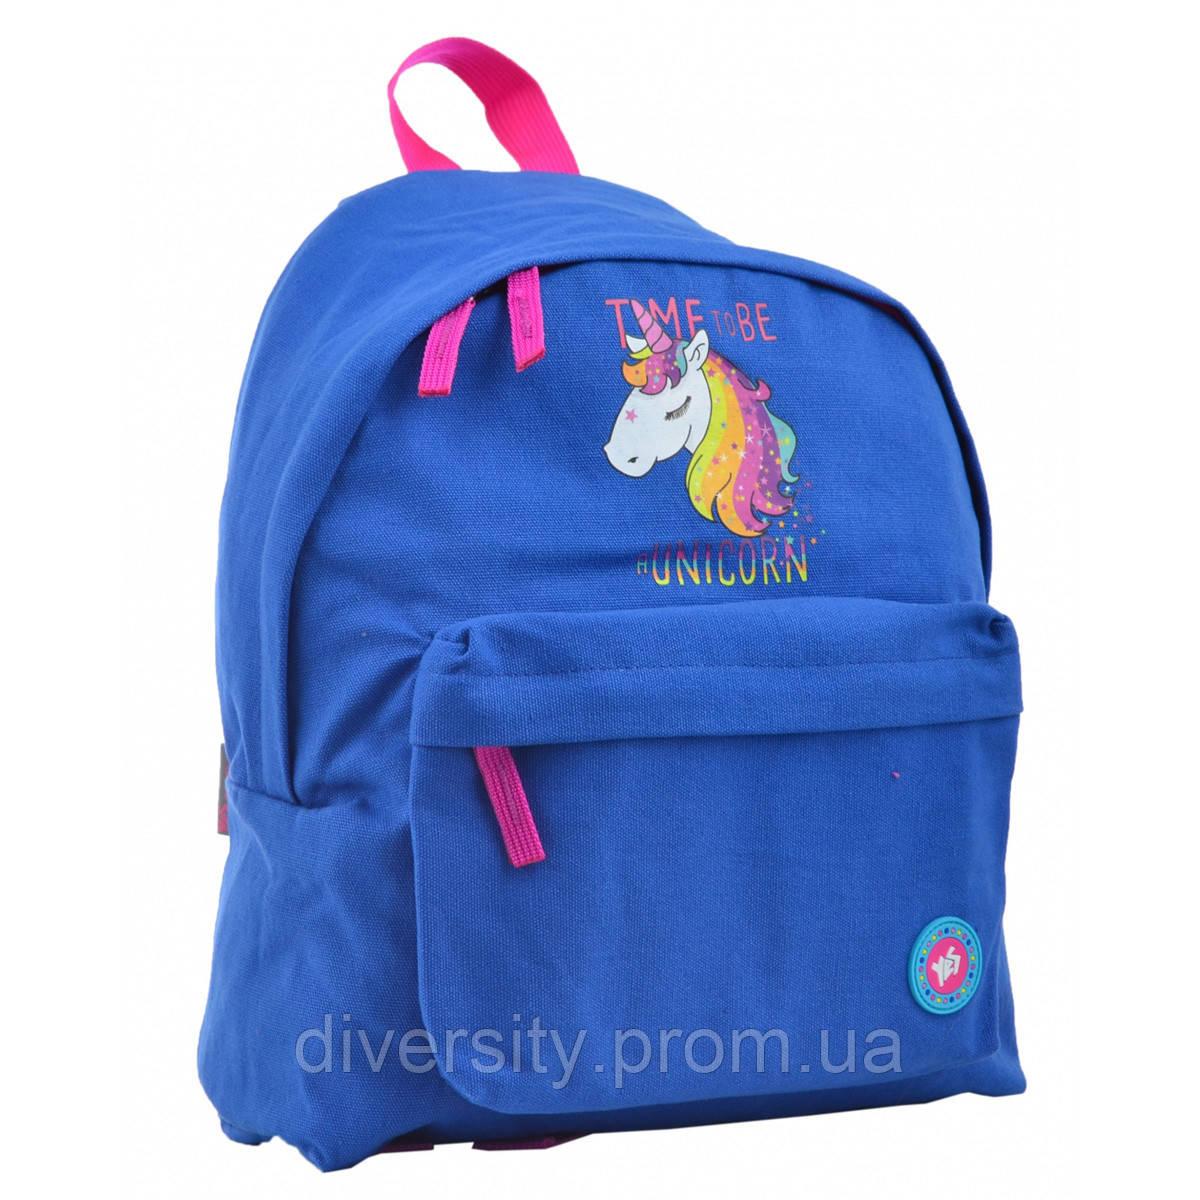 Молодежный рюкзак YES  ST-30 Chinese blue, 35*28*16